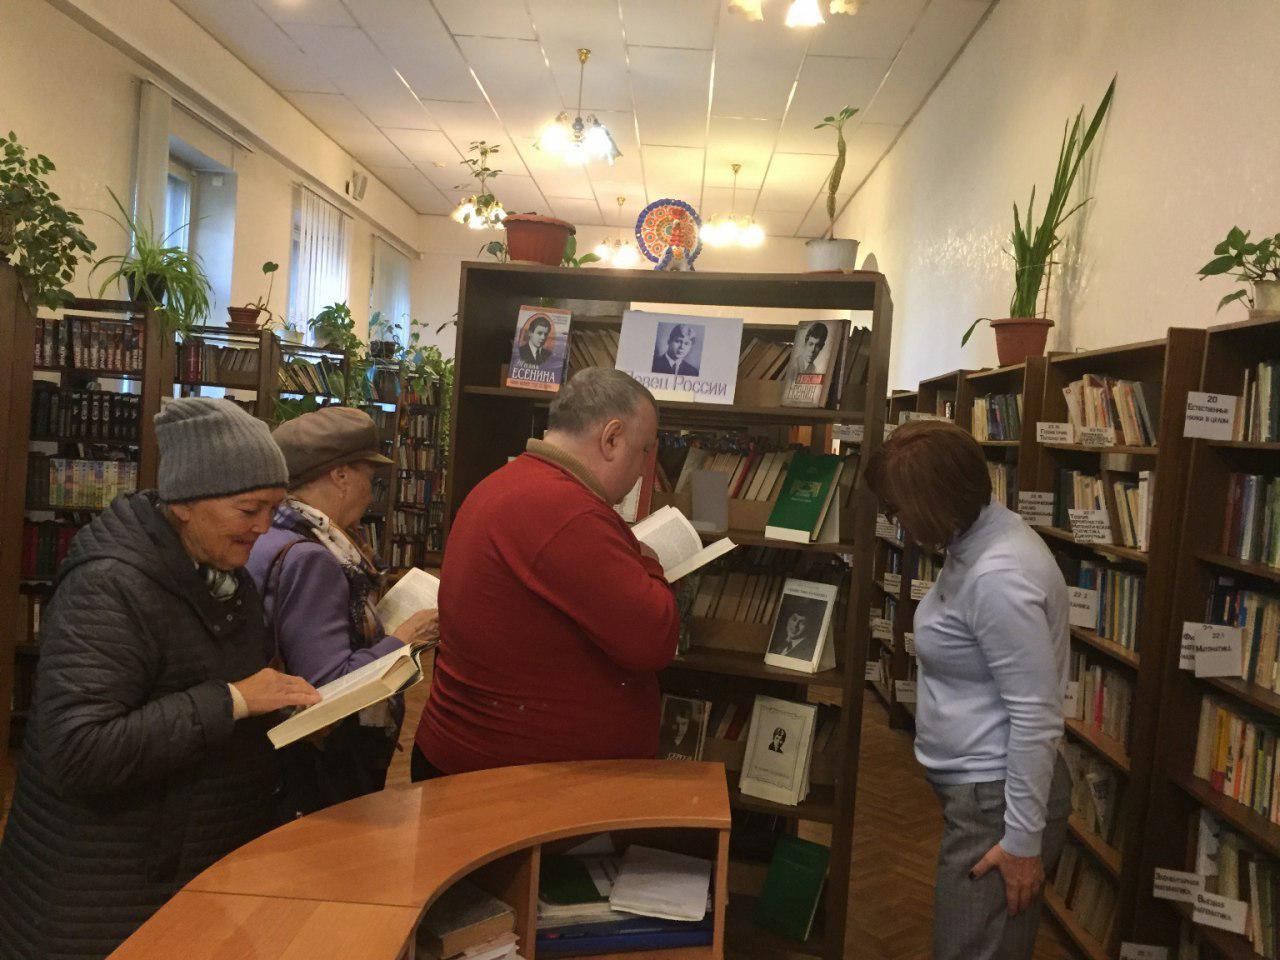 Литературные чтения ко дню рождения Есенина прошли в Ховрине